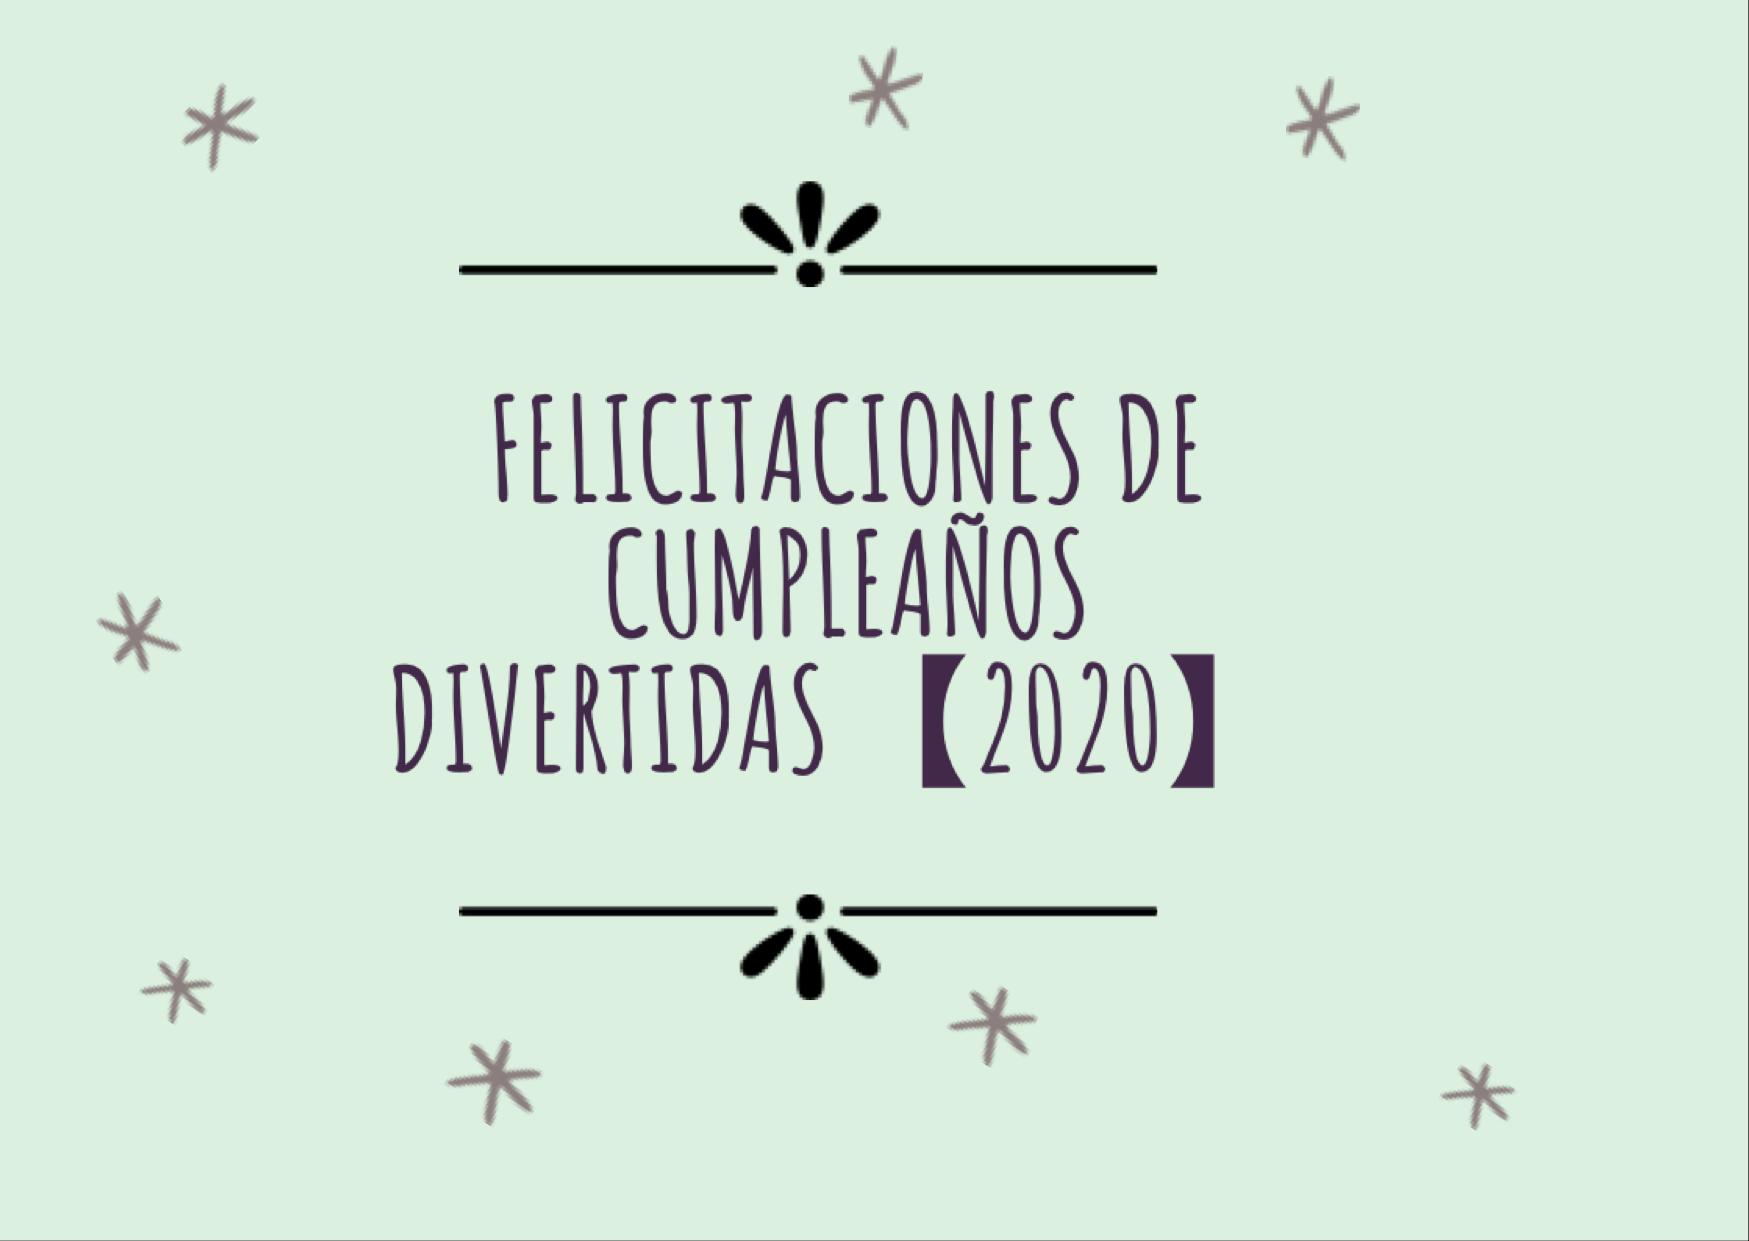 😆Felicitaciones de cumpleaños divertidas【2020】